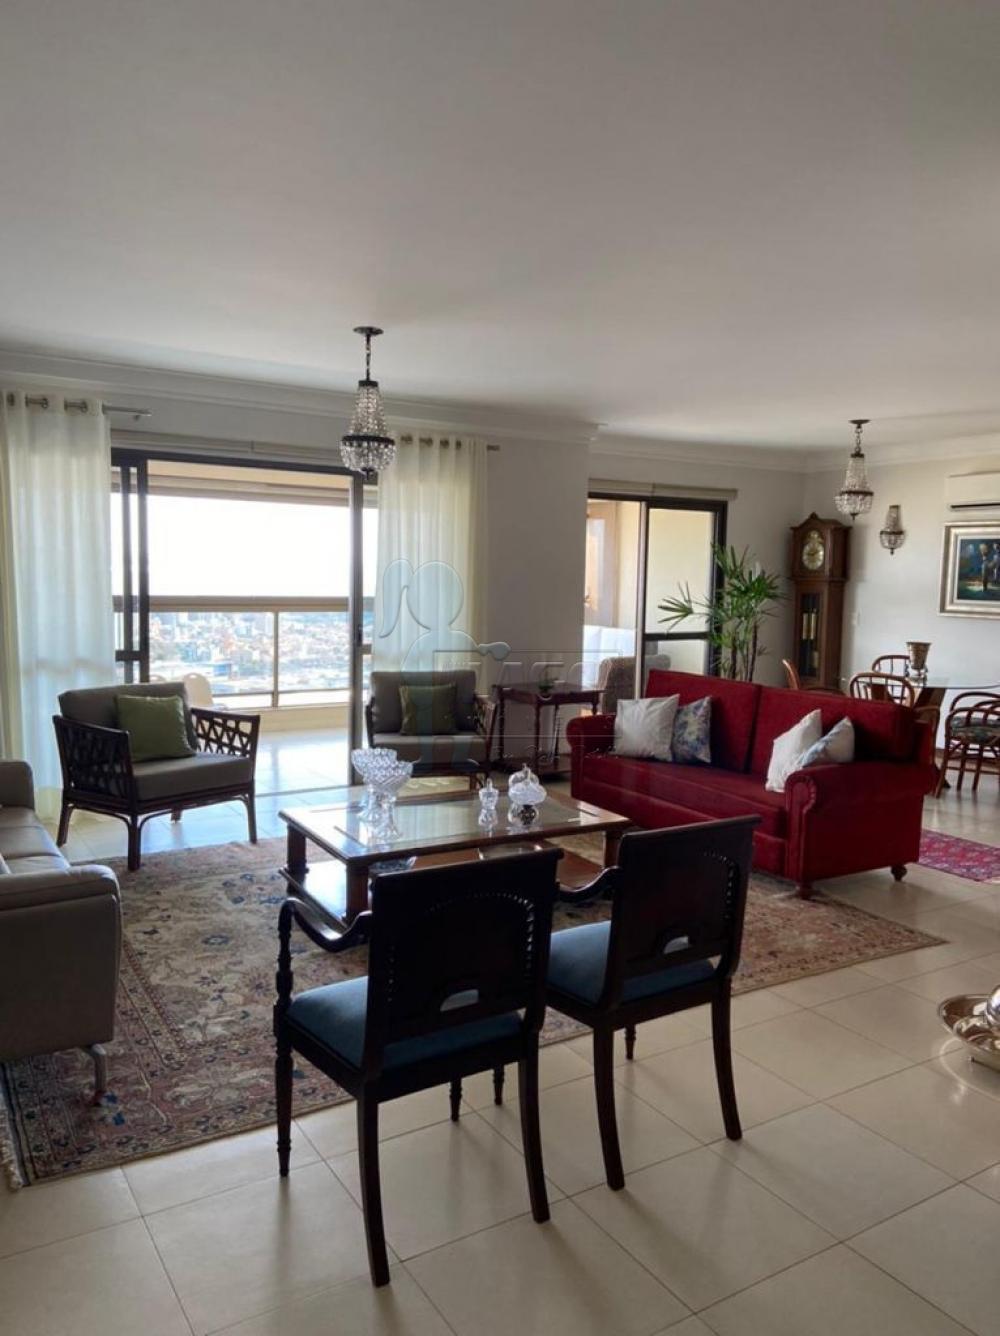 Comprar Apartamento / Padrão em Ribeirão Preto R$ 1.300.000,00 - Foto 3